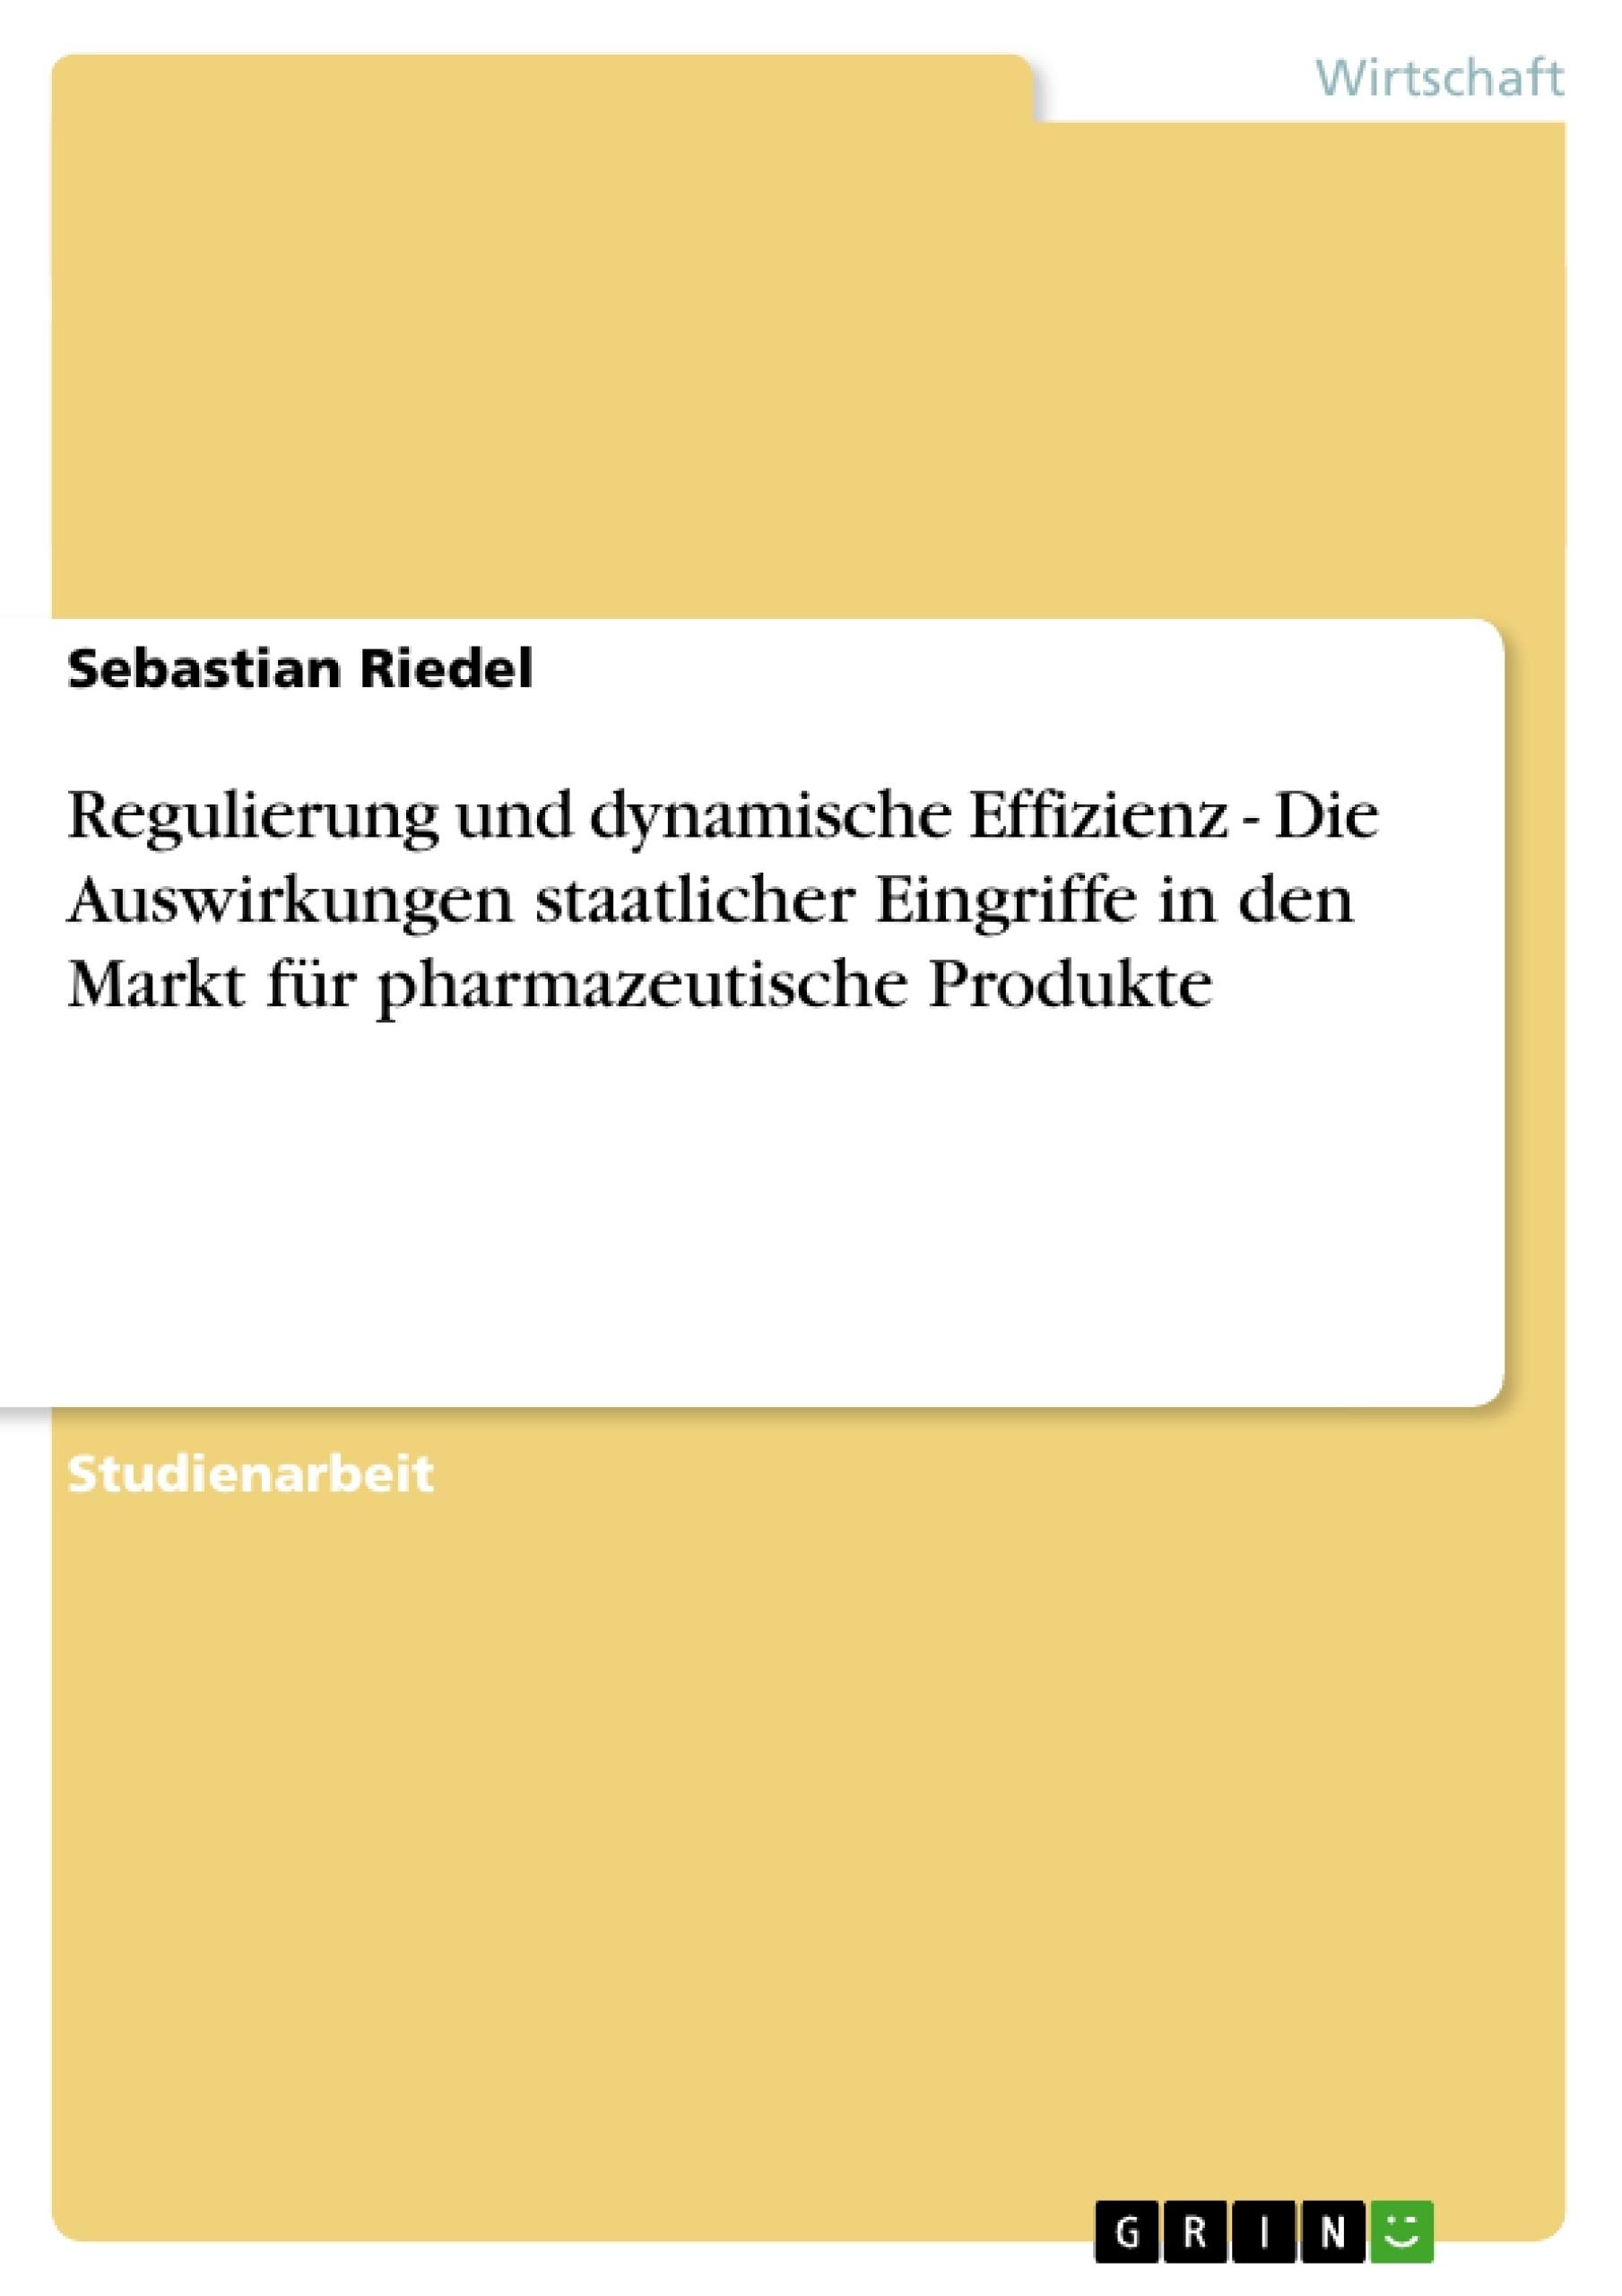 Titel: Regulierung und dynamische Effizienz - Die Auswirkungen staatlicher Eingriffe in den Markt für pharmazeutische Produkte